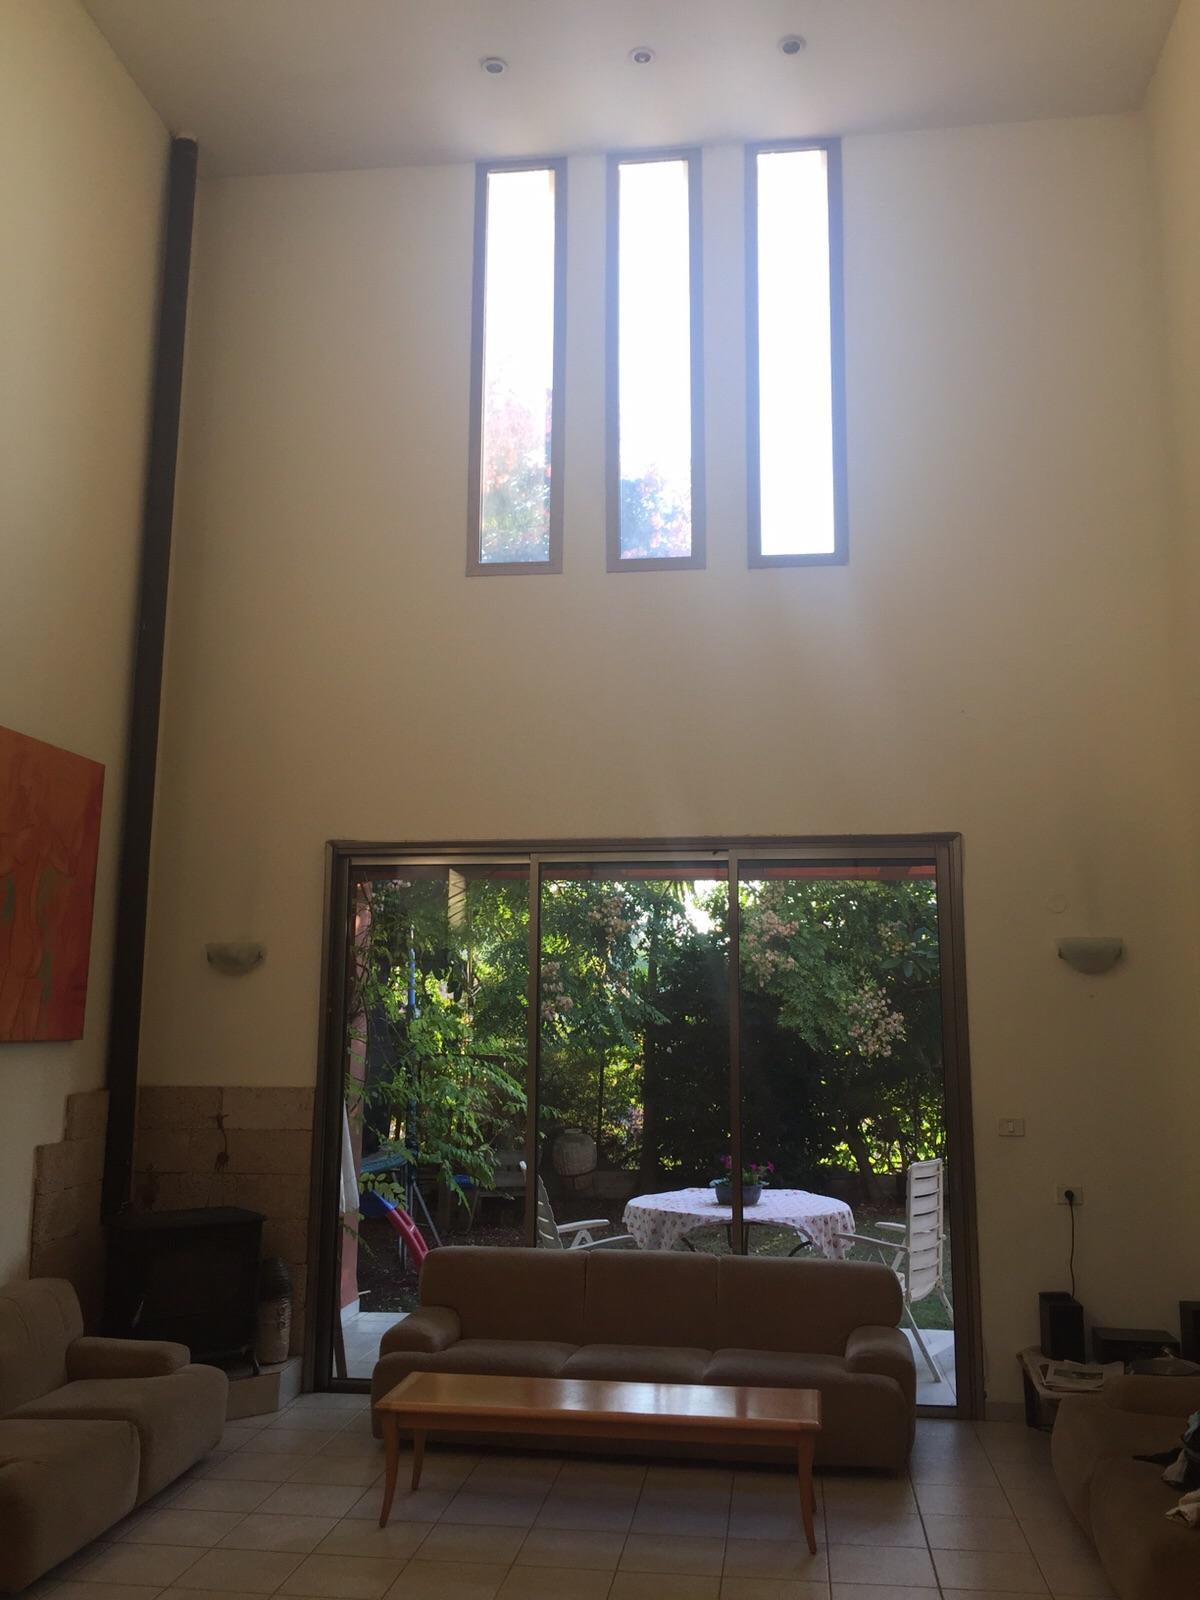 חלונות הסלון לפני